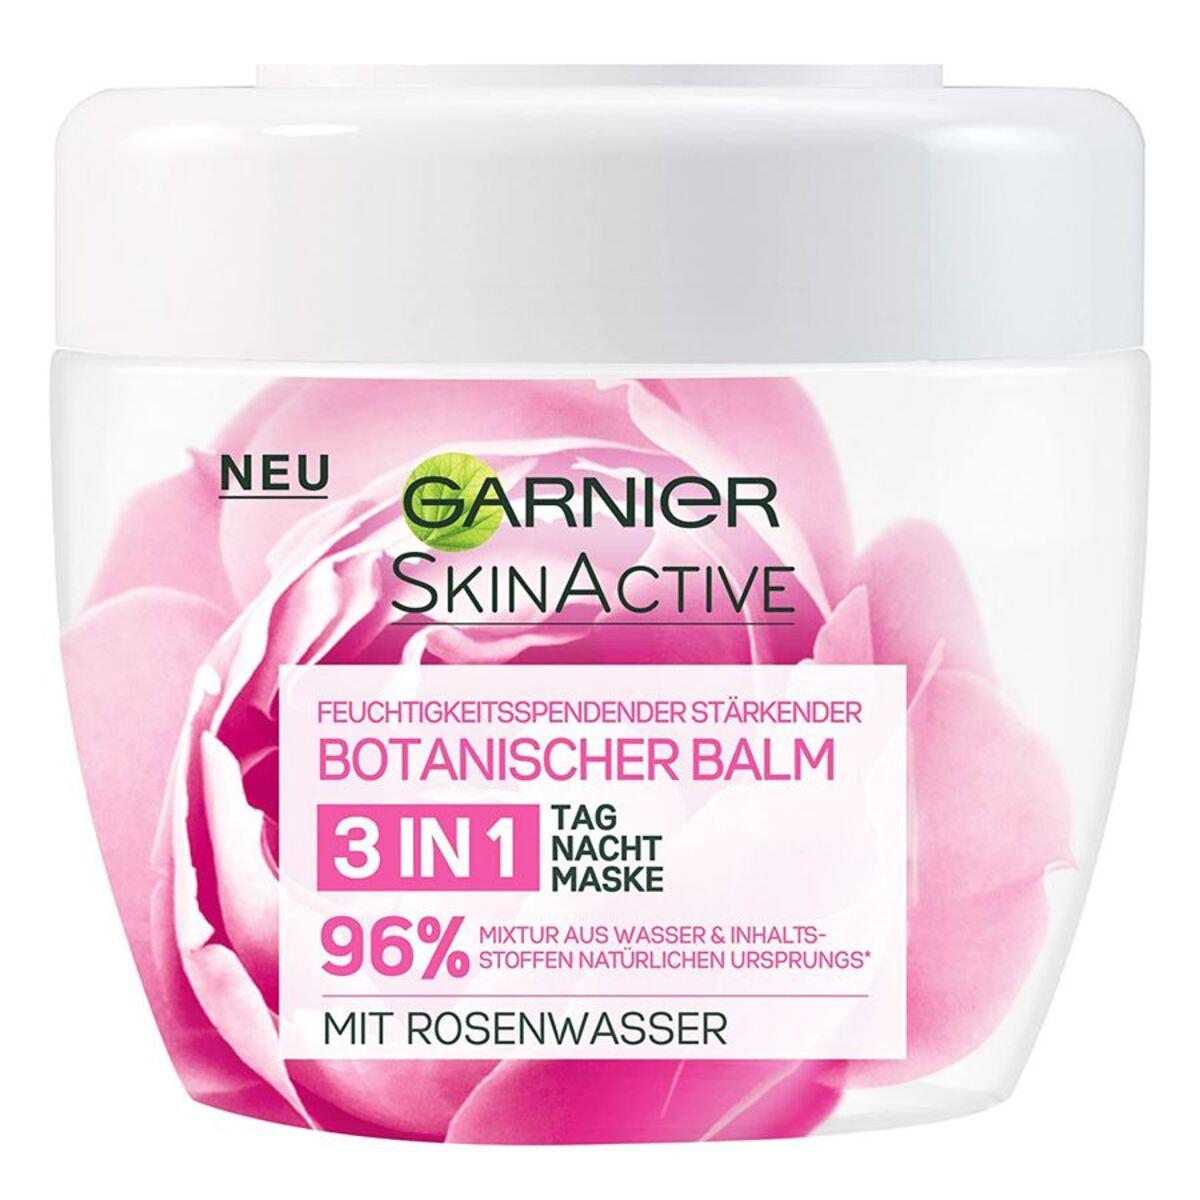 Bild 1 von Garnier SkinActive Botanischer Balm 3in1 mit Rosenwasser 150ml